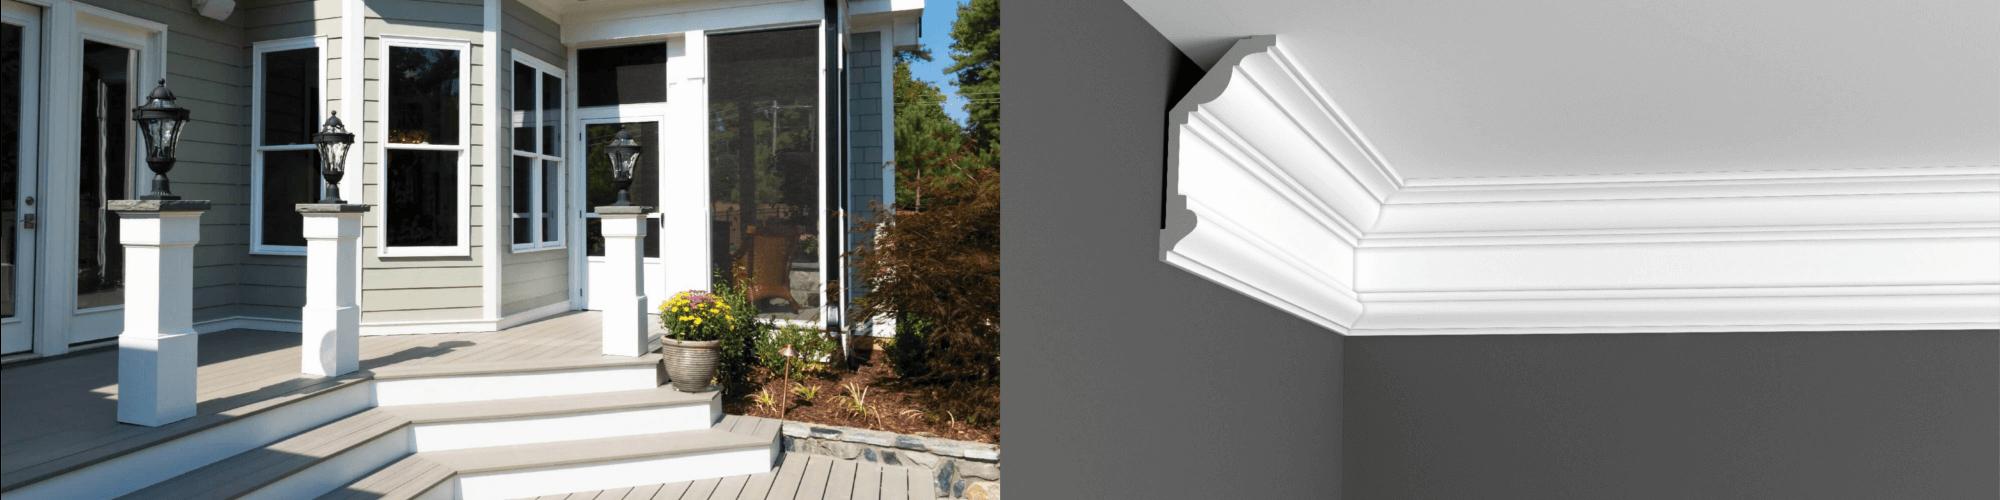 High quality rigid and cellular foam PVC